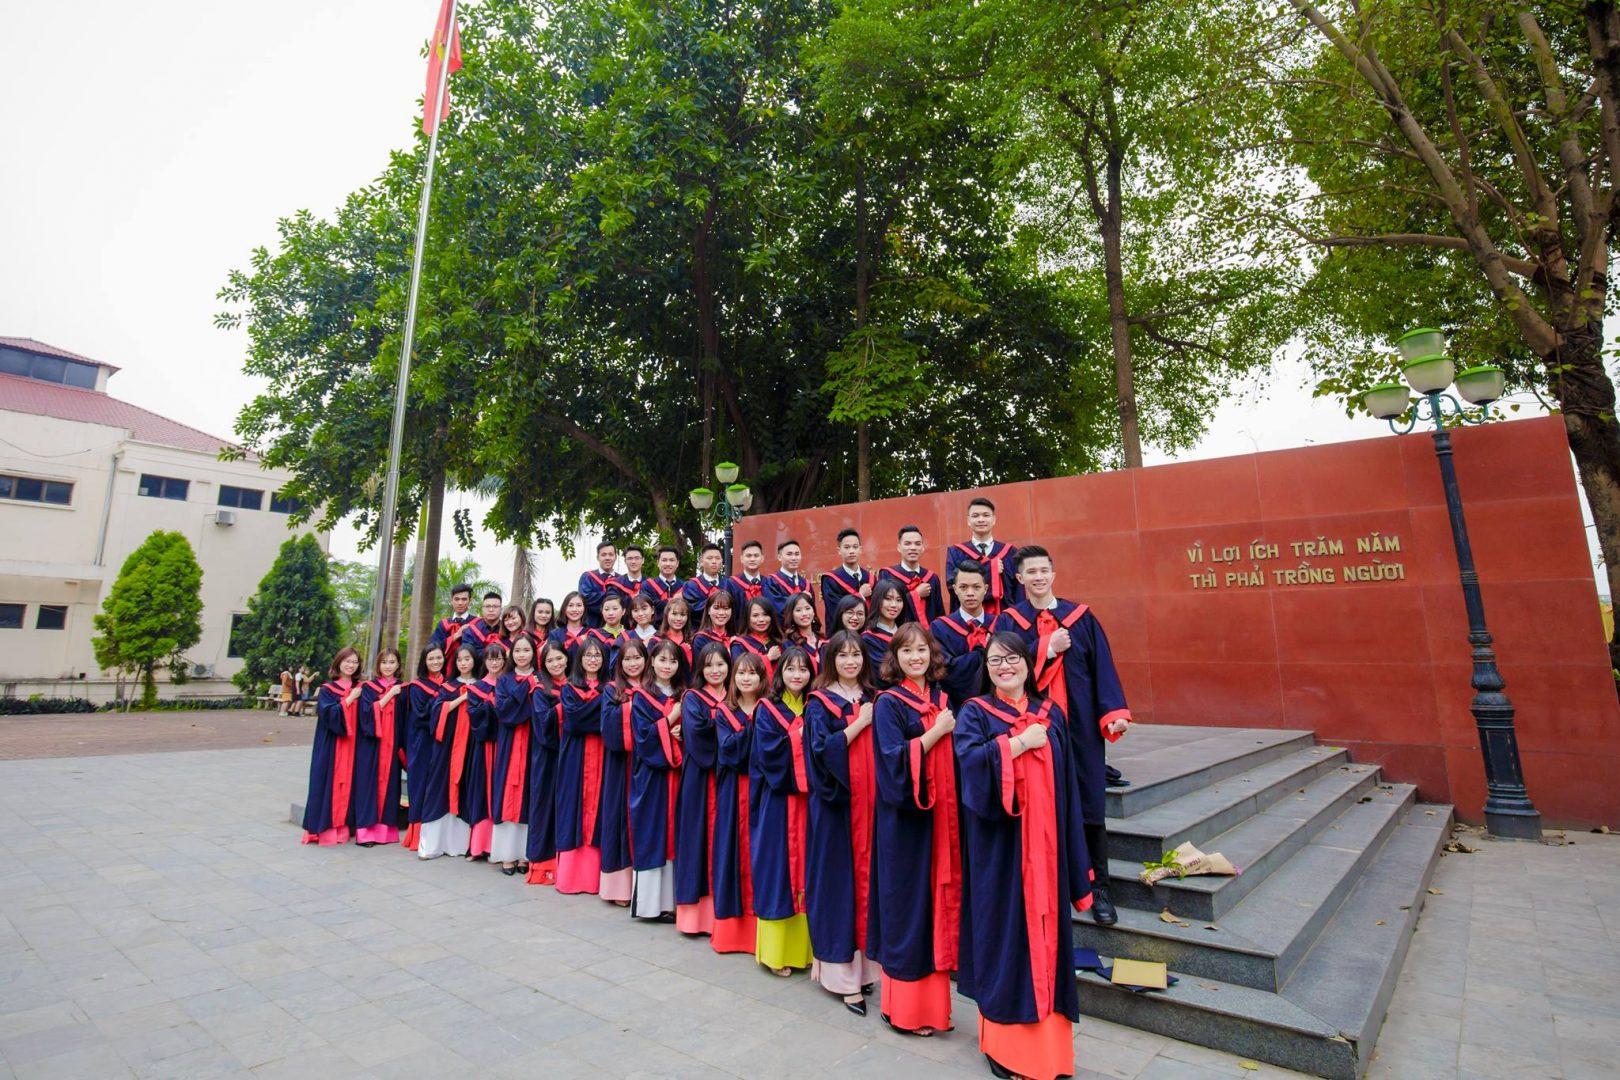 Xét tốt nghiệp THPT Quốc Gia năm 2020 như thế nào?